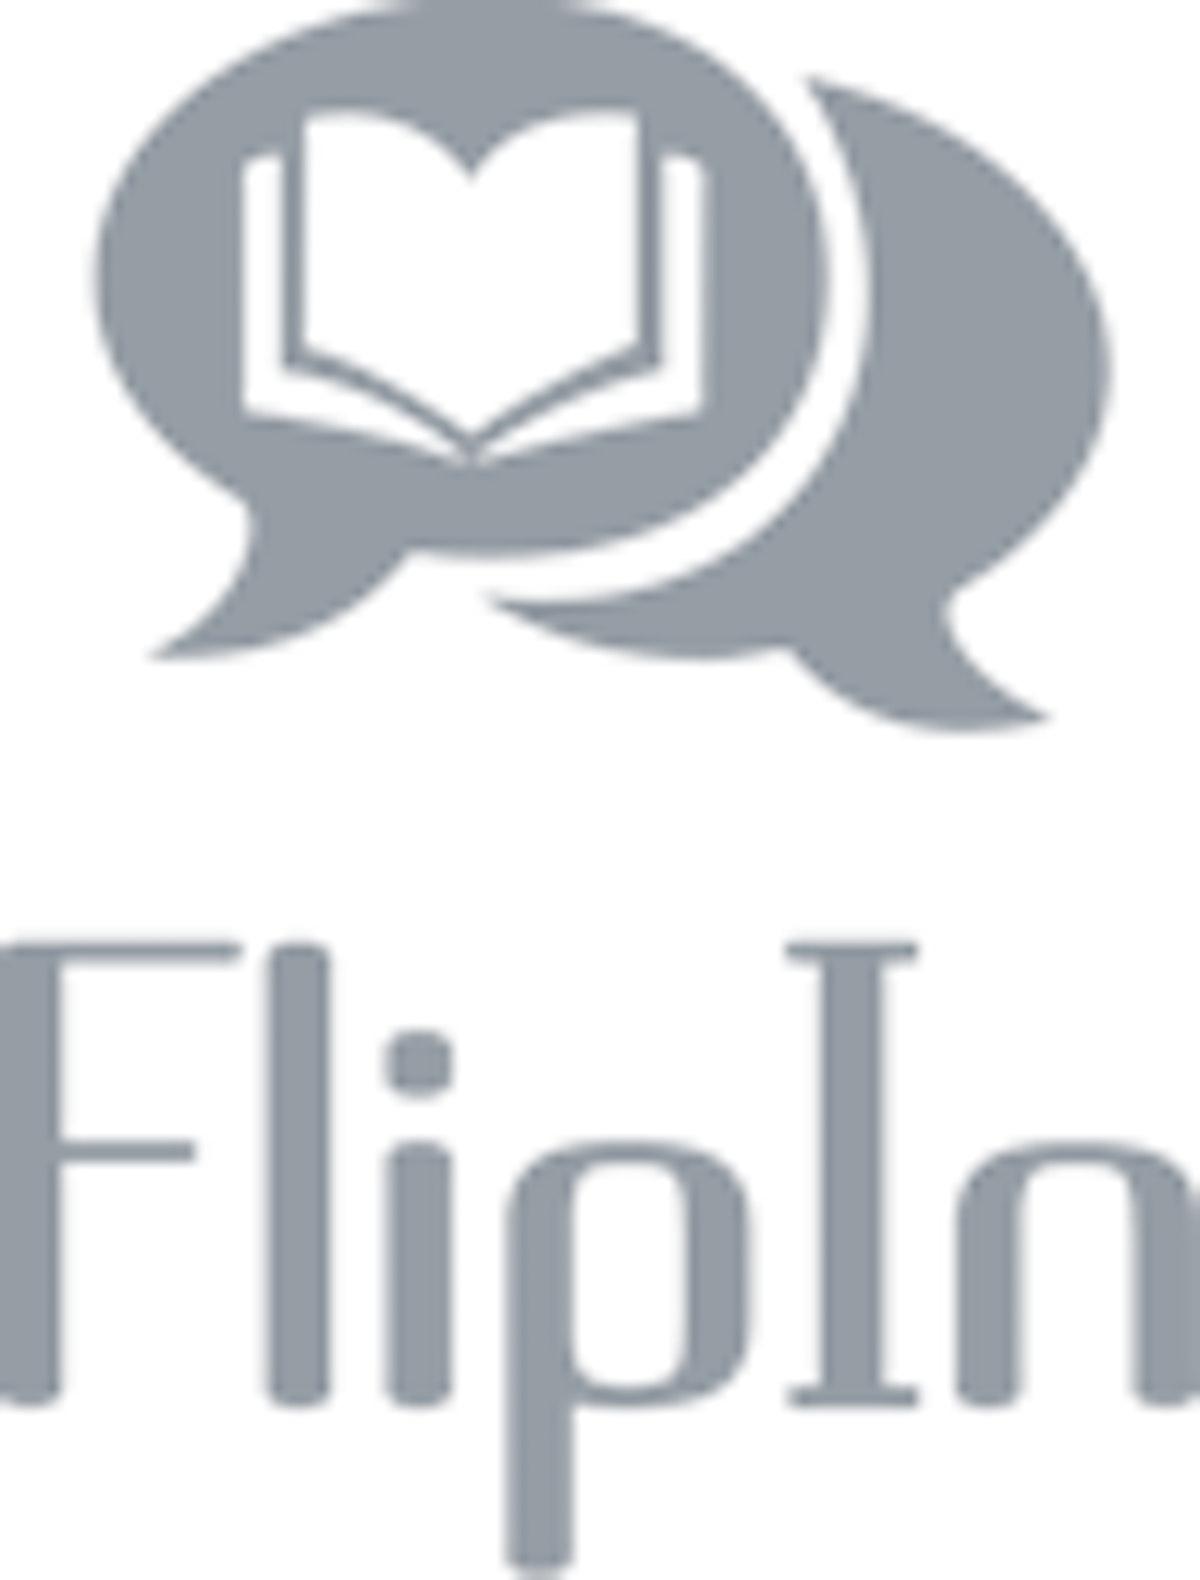 flipin1.png